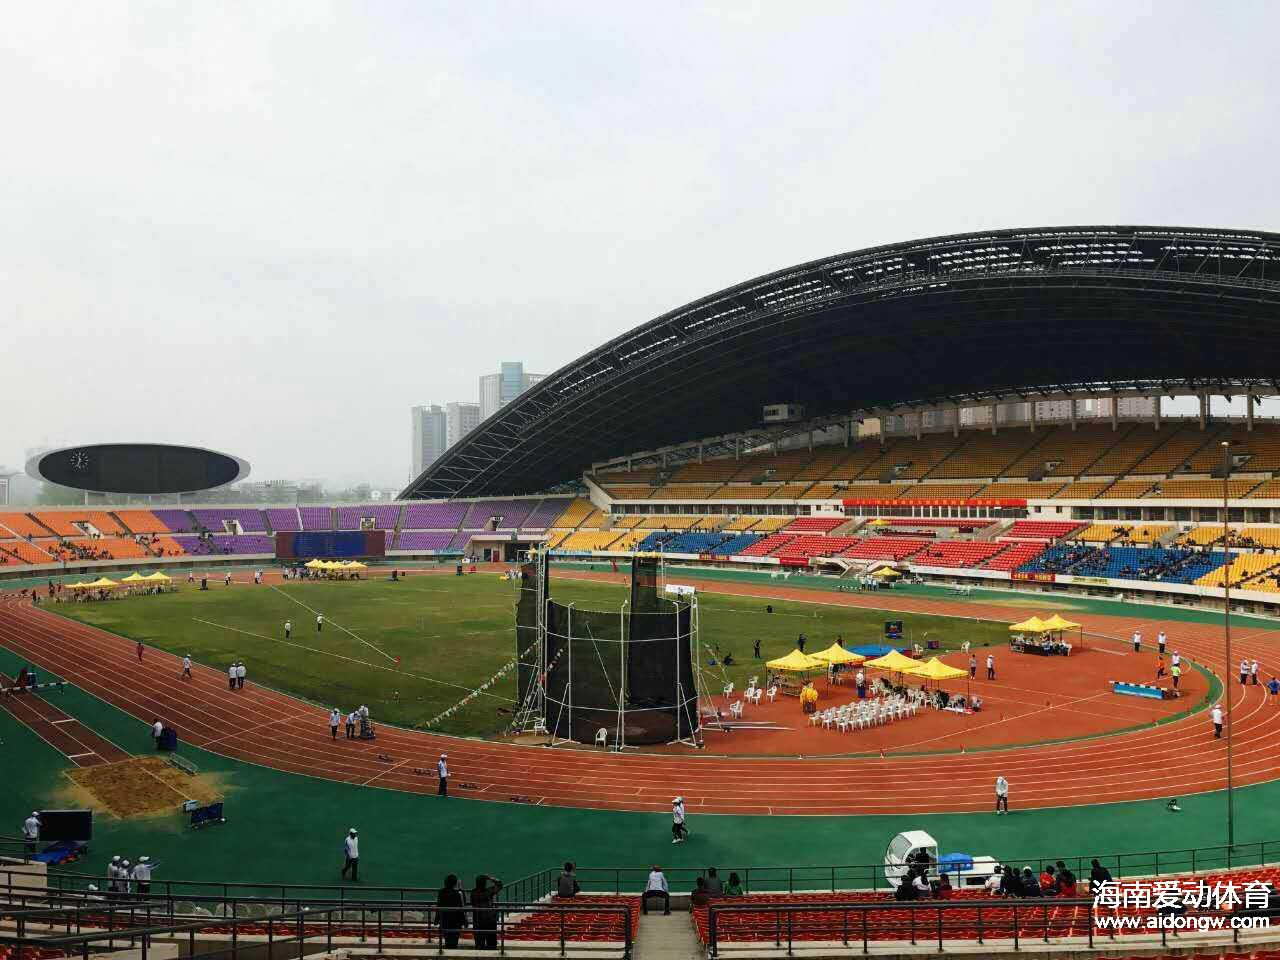 2017年全国田径大奖赛系列赛郑州站:海南选手江亨南获100米决赛第七